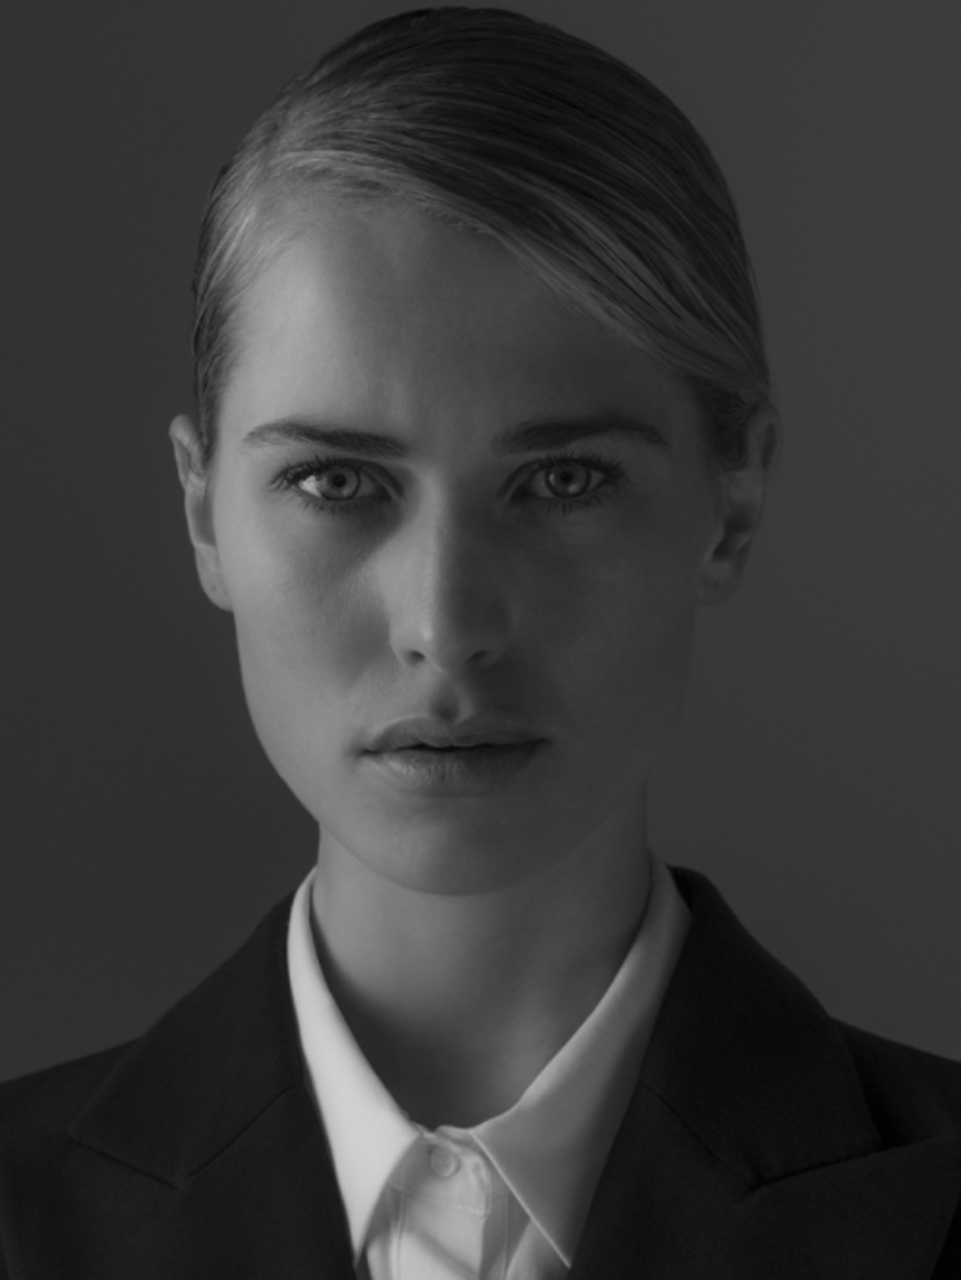 Erin Van Dongen